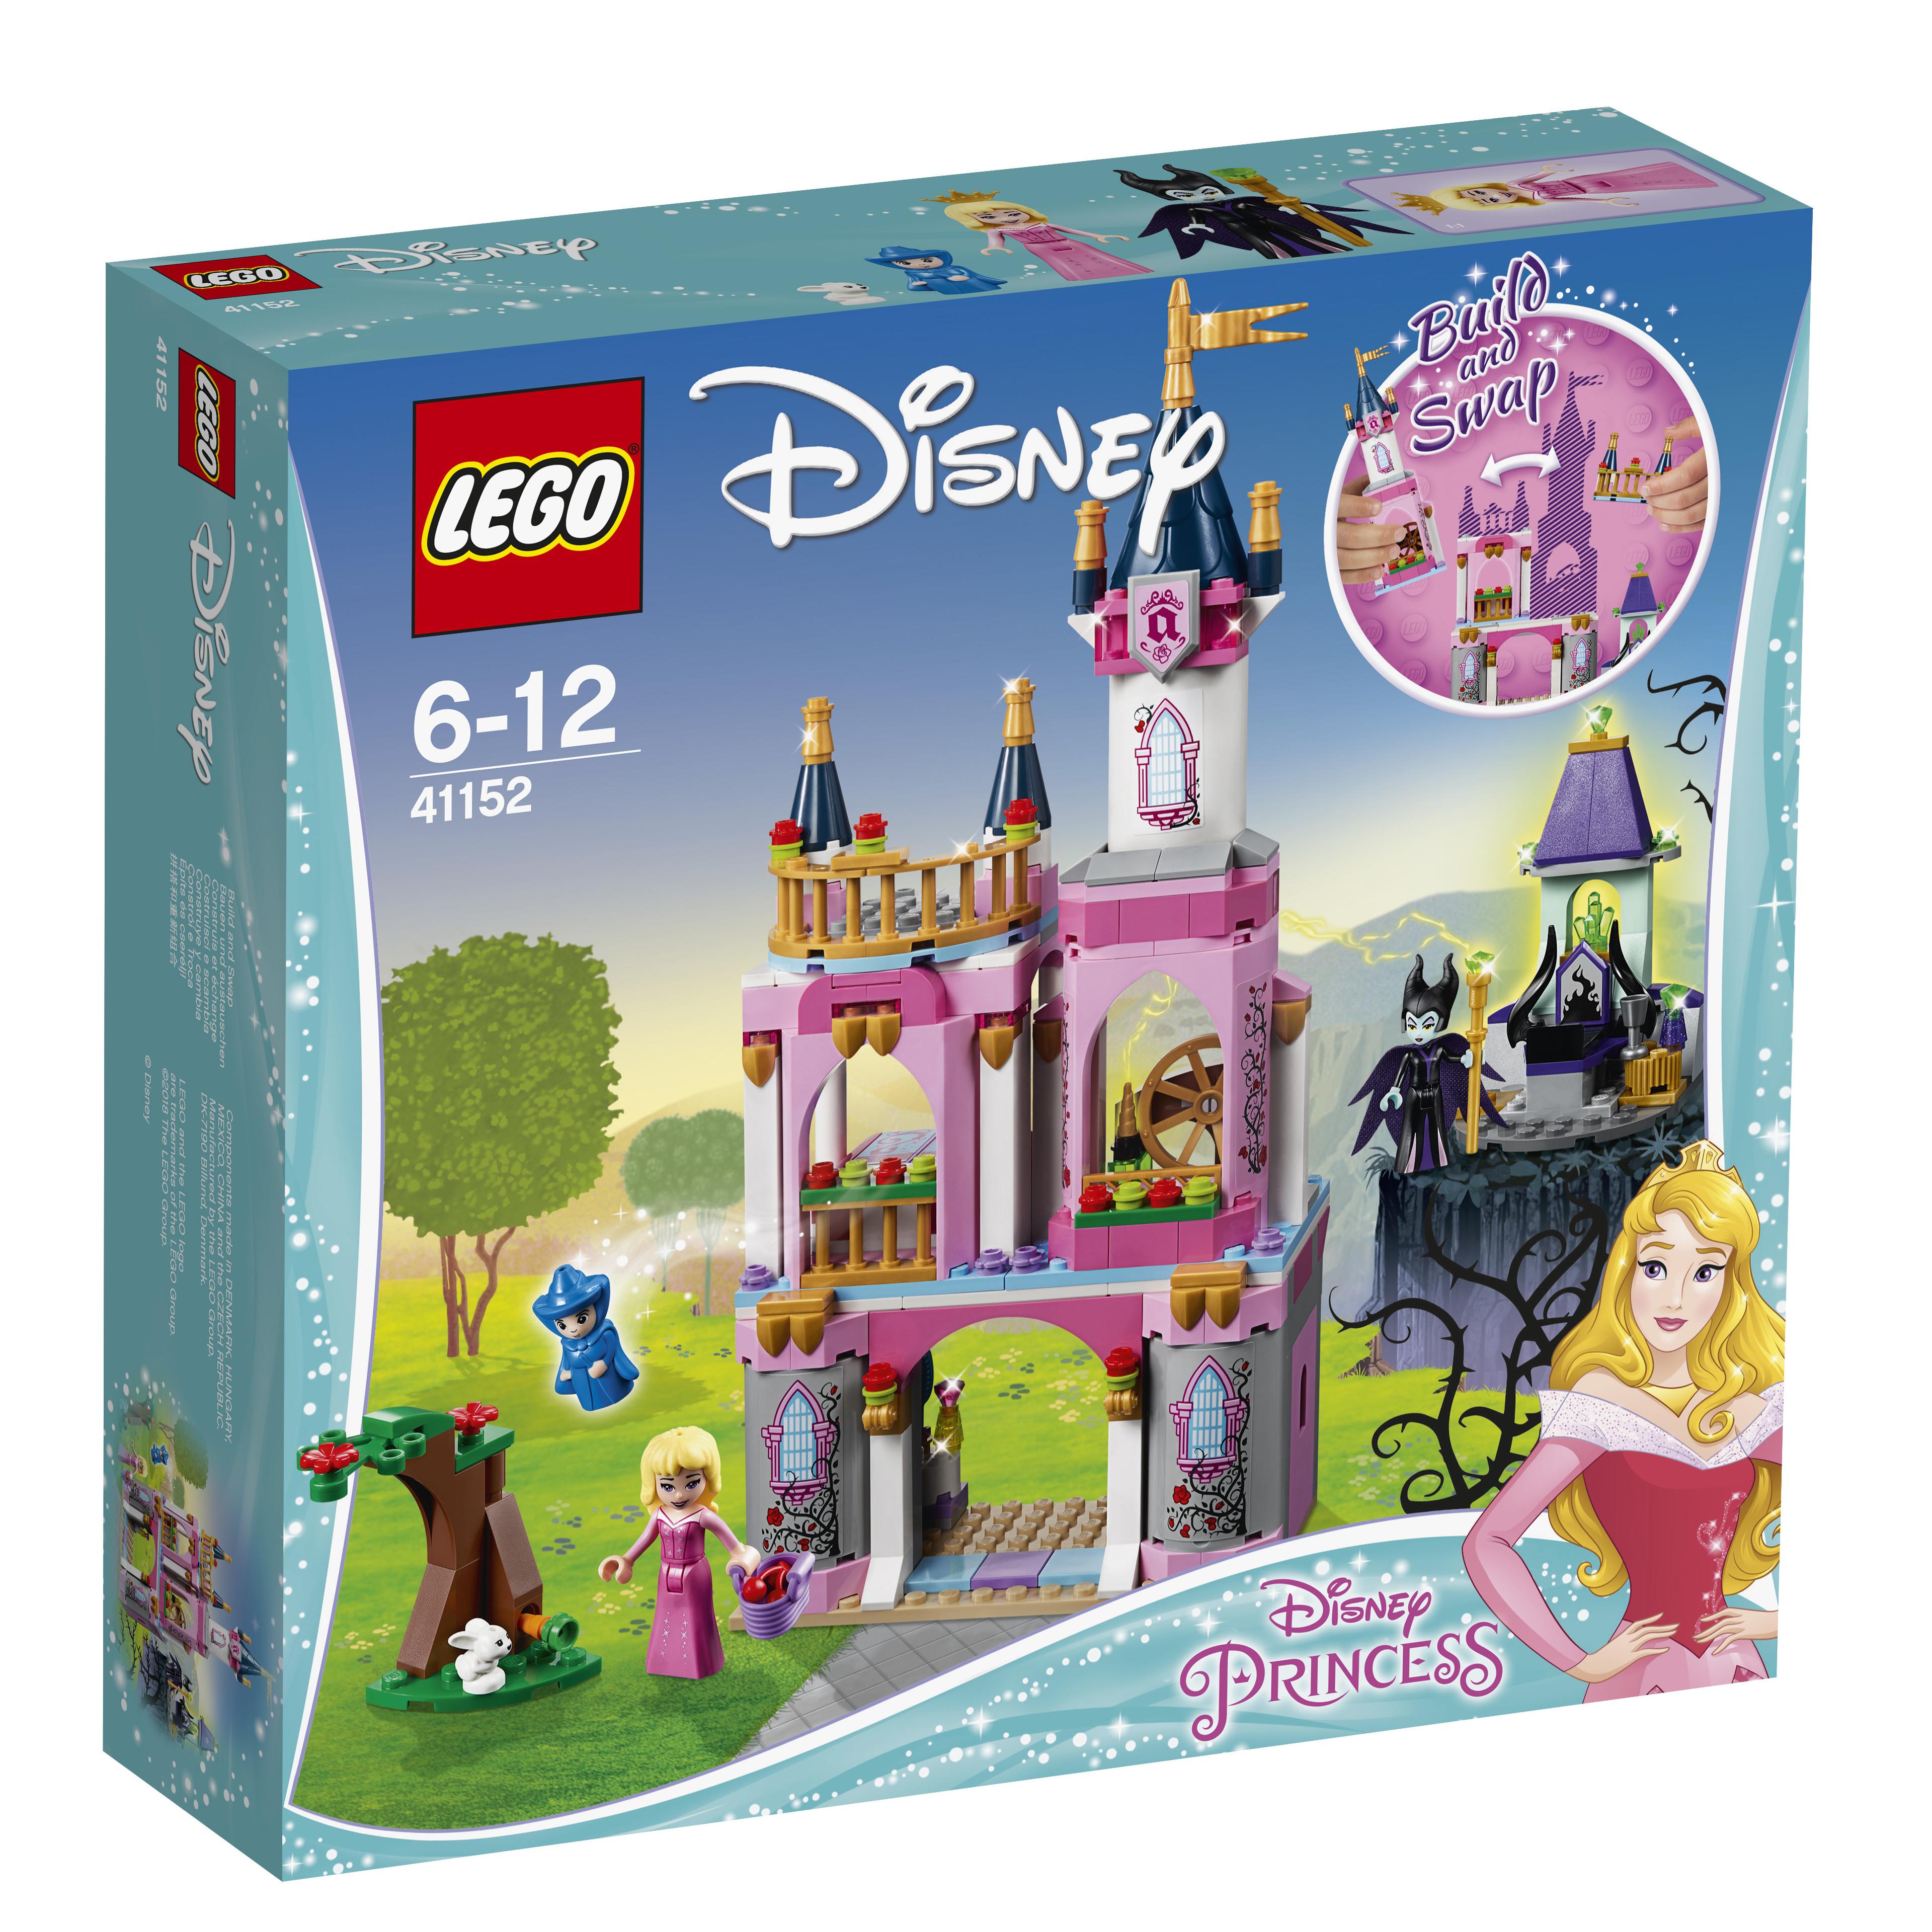 LEGO LEGO Конструктор LEGO Disney Princess 41152 Сказочный замок Спящей Красавицы конструктор lego disney princess королевские питомцы жемчужинка 41069